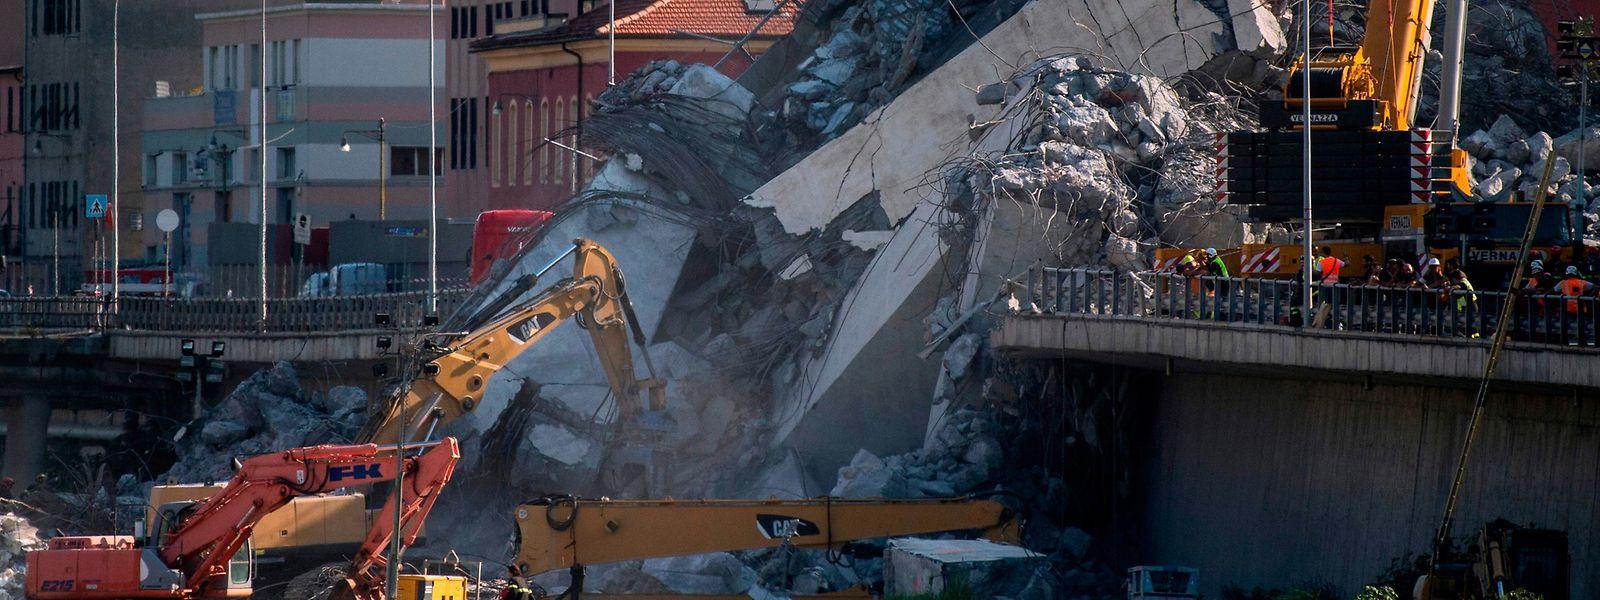 Rettungskräften gelang es am Samstag, eine weitere Leiche aus den Trümmern zu bergen.